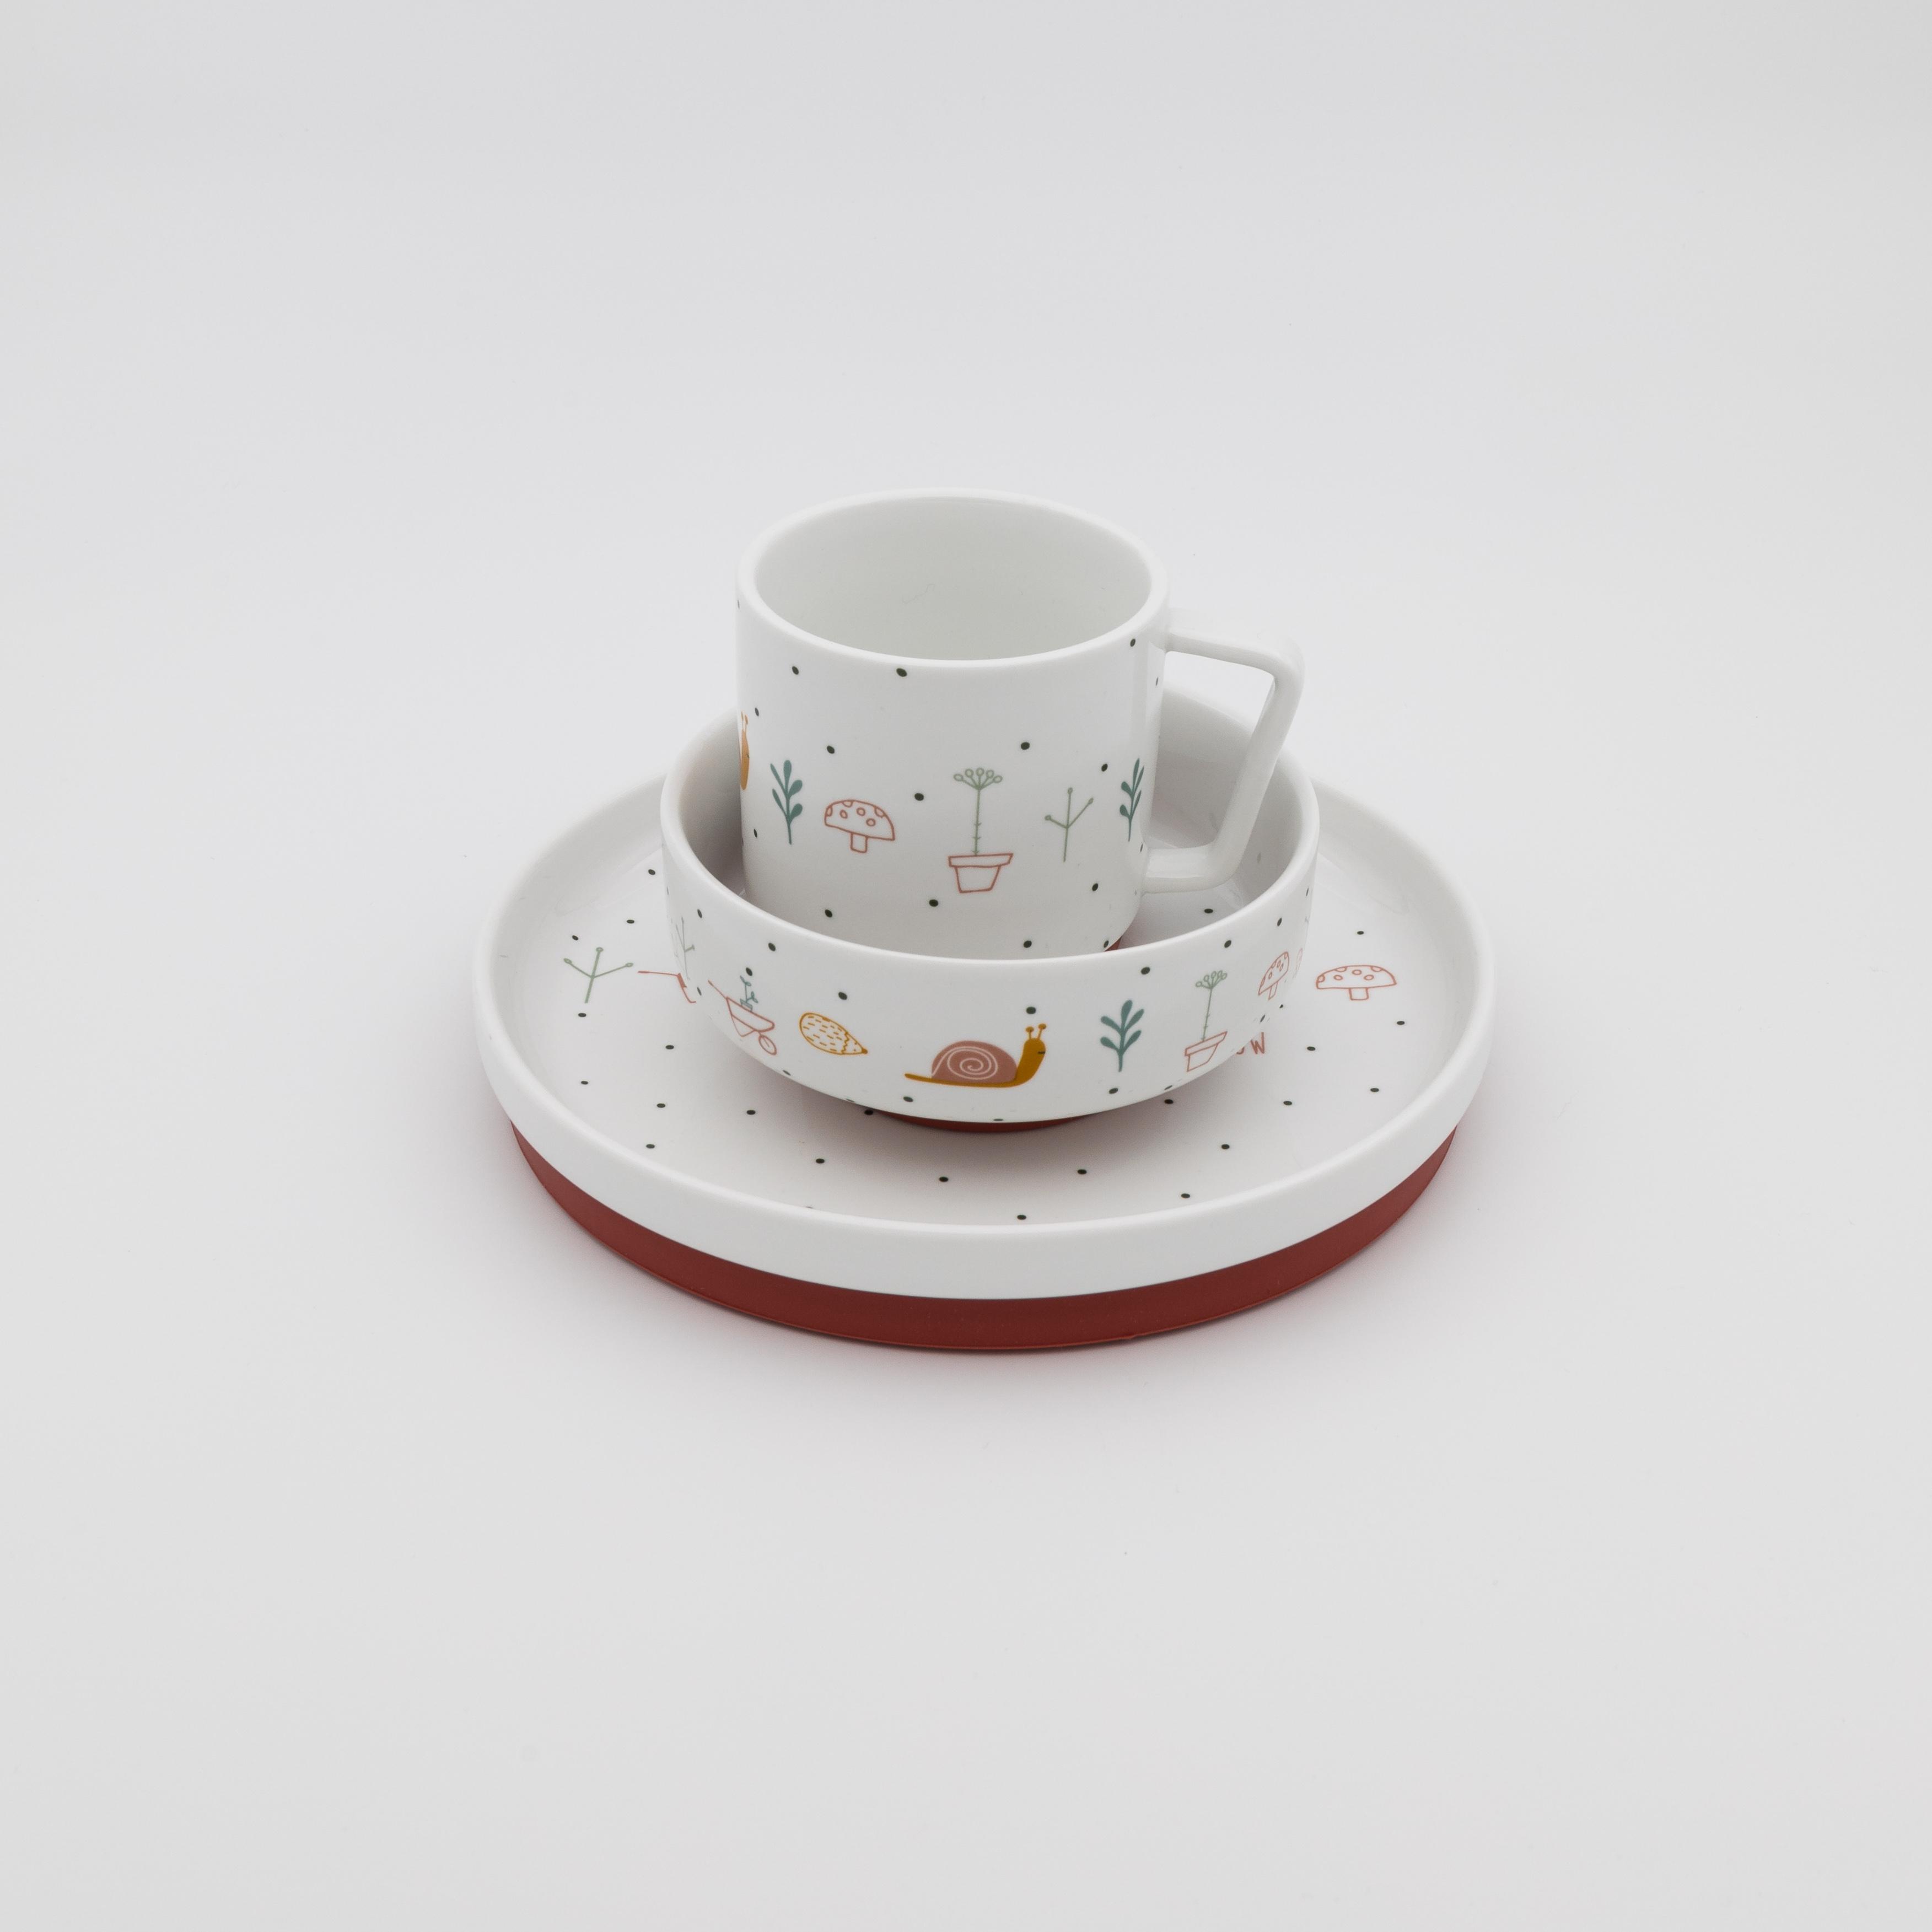 Weisses Kindergeschirr mit Gartenmotiven bestehend aus Teller, Müslischale und Tasse.